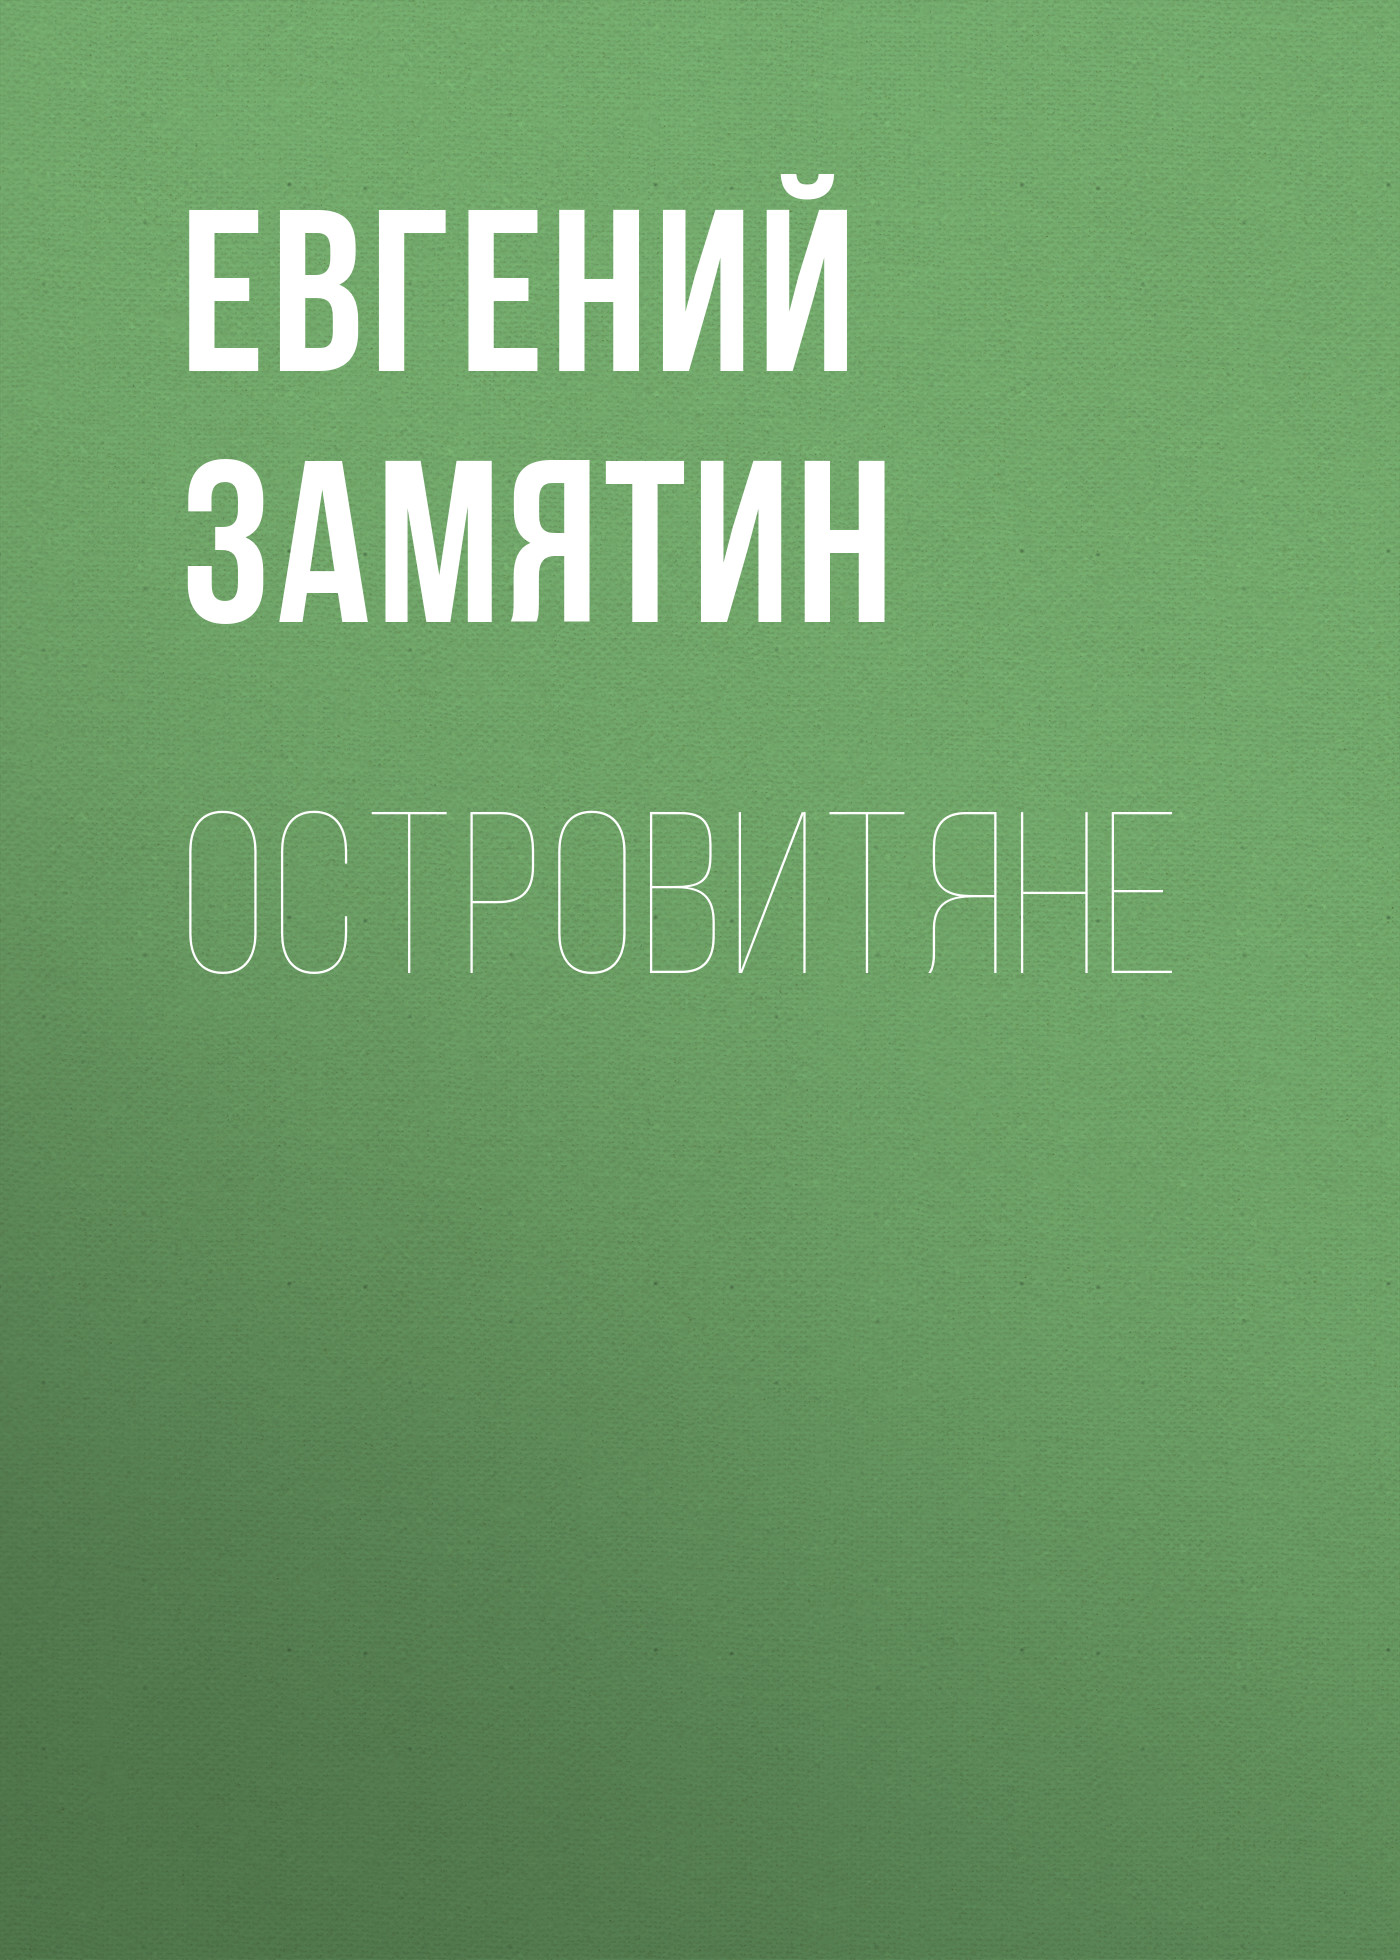 Евгений Замятин Островитяне евгений замятин евгений замятин избранное